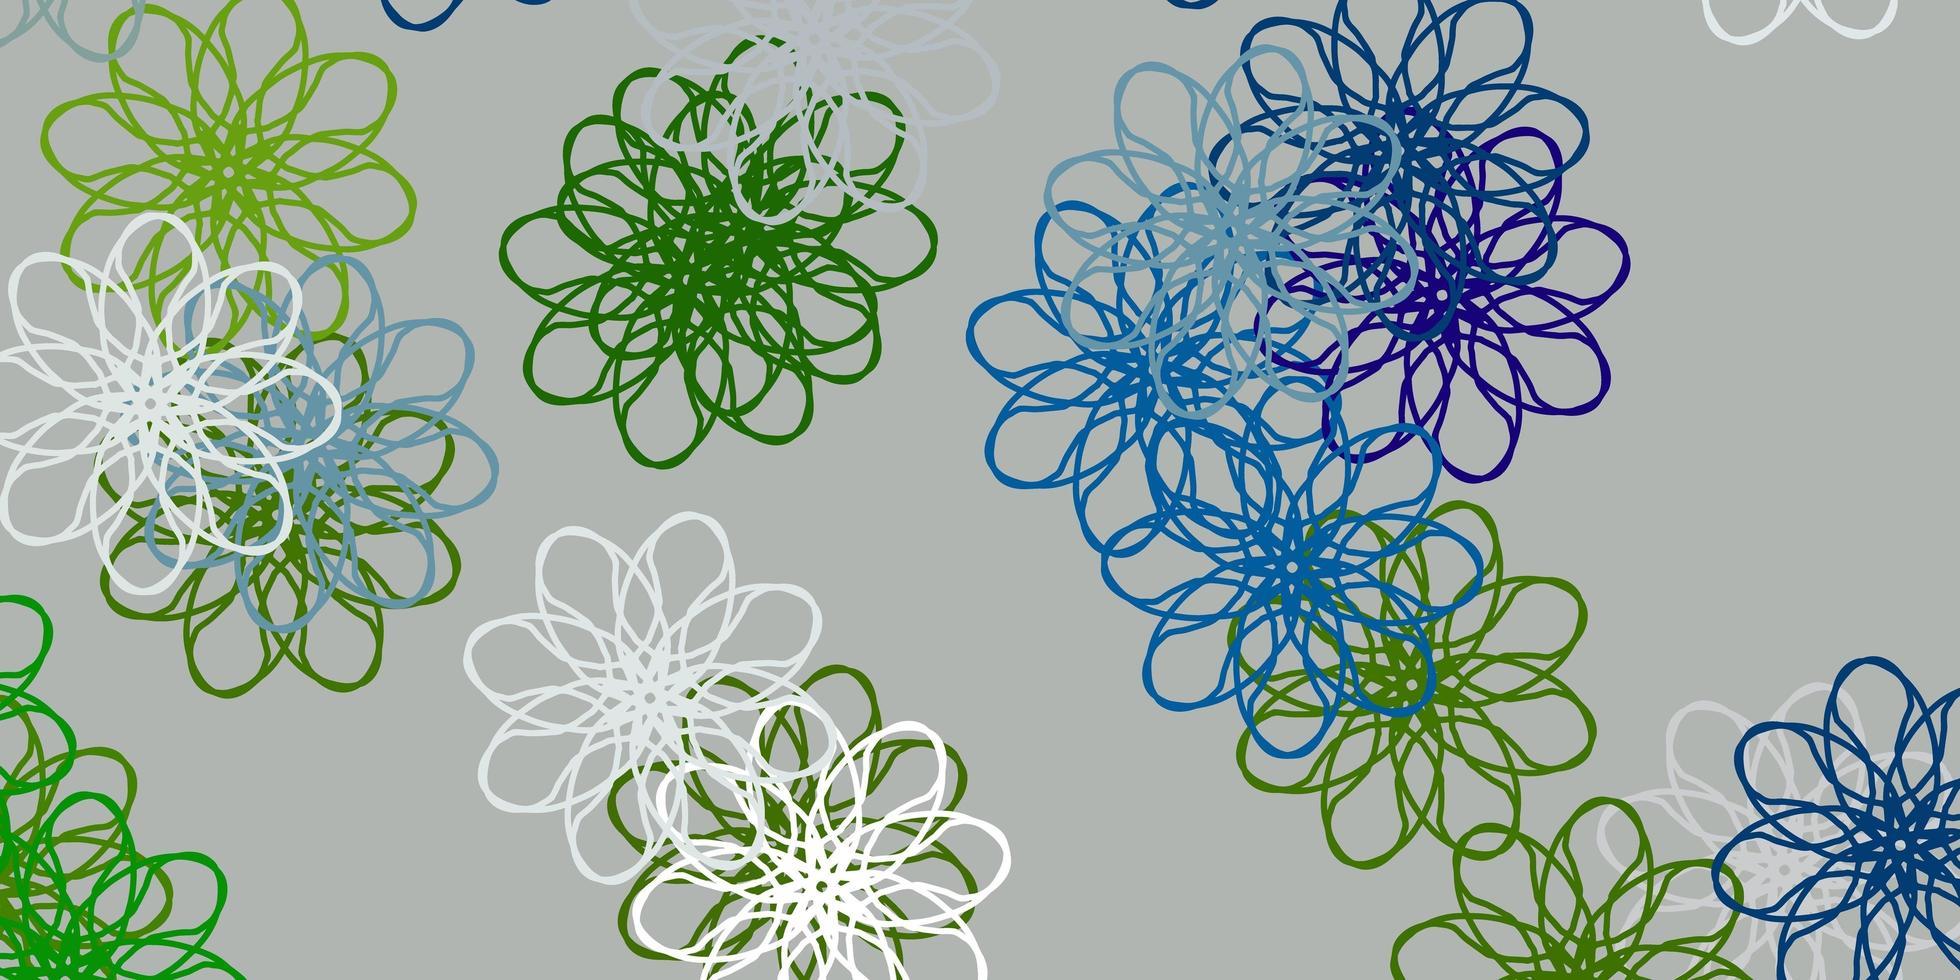 motif de doodle vecteur bleu clair, vert avec des fleurs